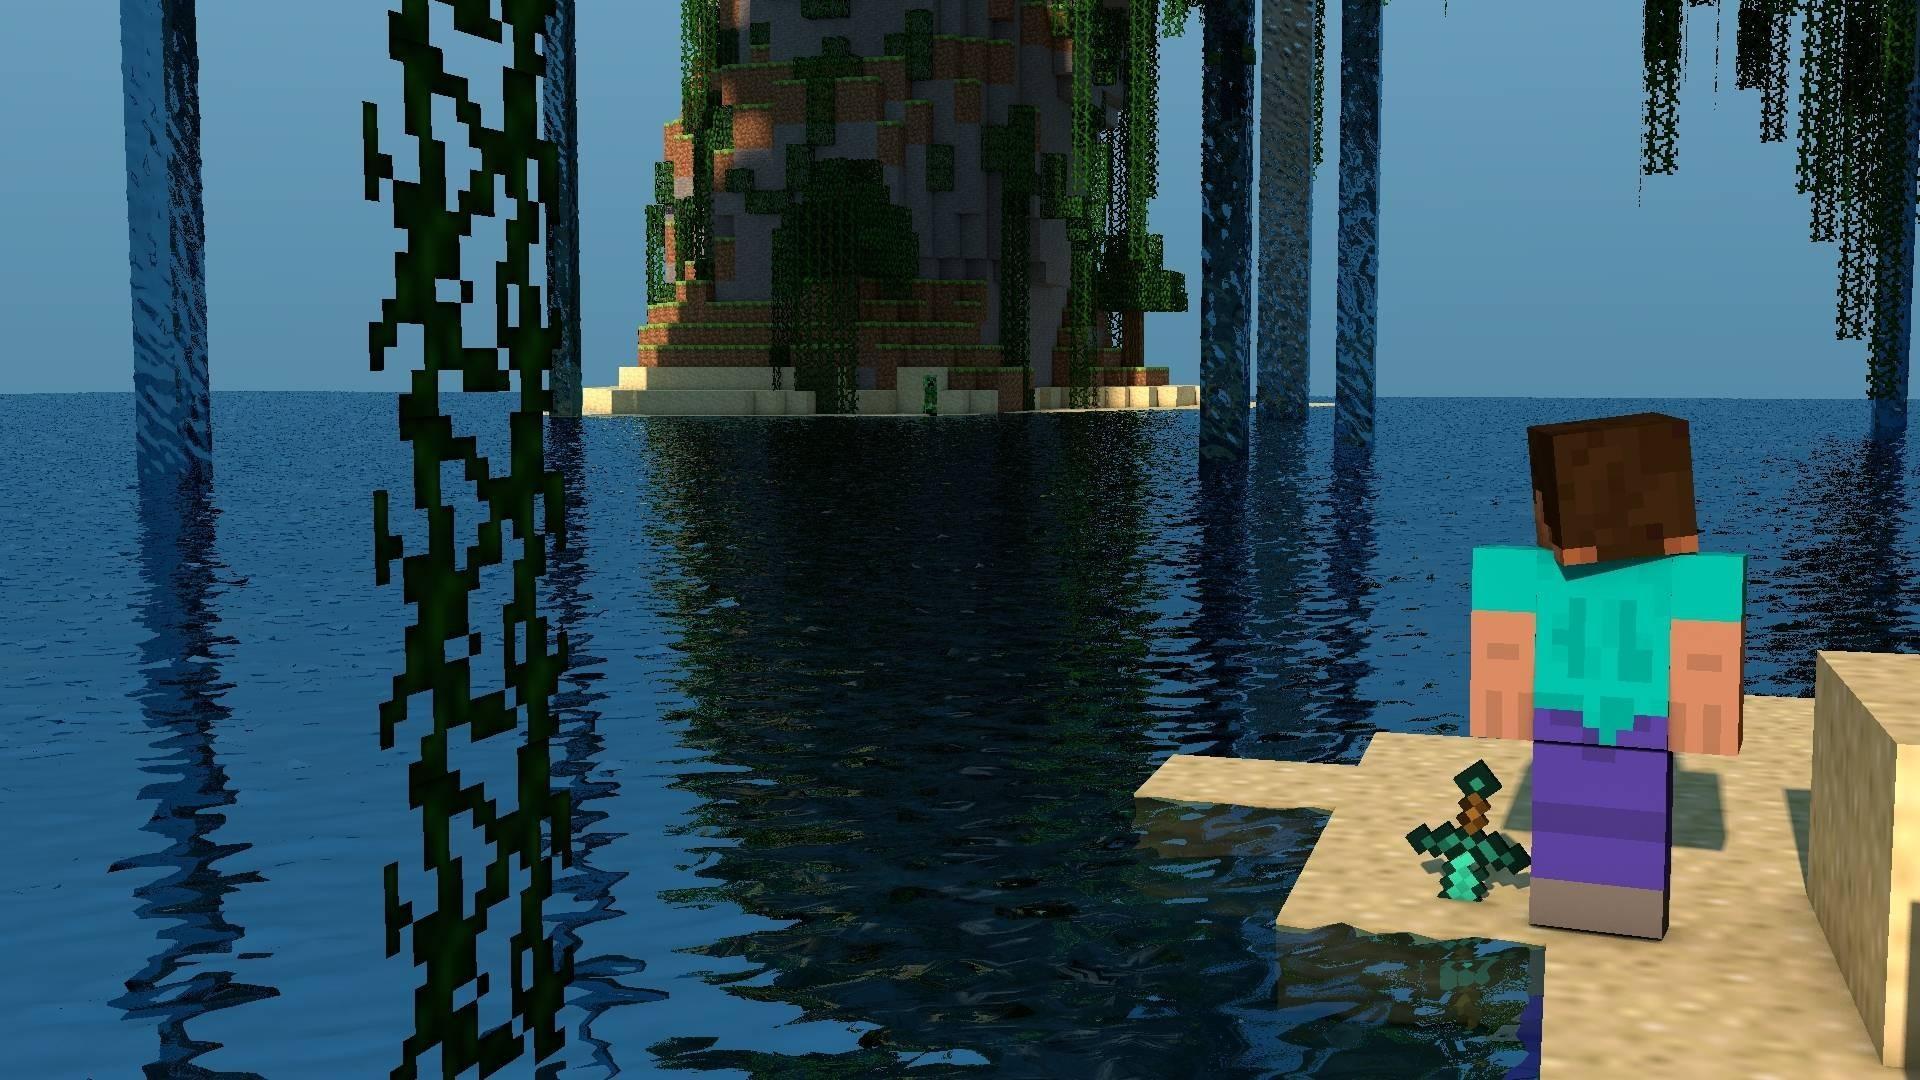 Tapeta minecraft gacuu epic wallpaper 82667 1920x1080